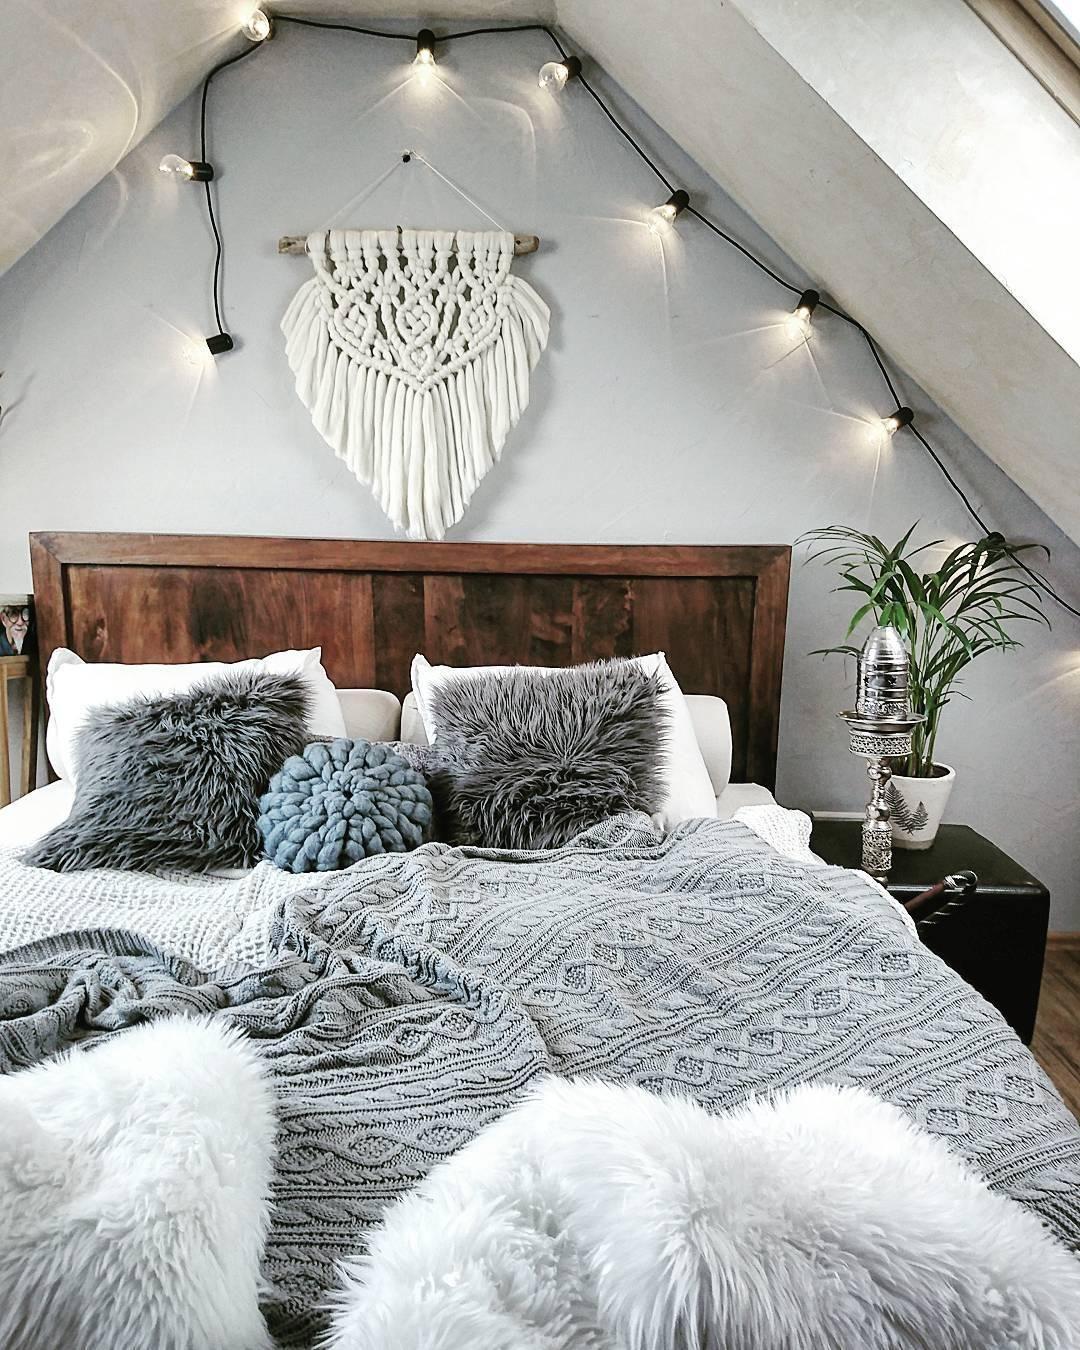 Led Lichterkette Optika Ab Ins Bett Pinterest Bedroom Attic